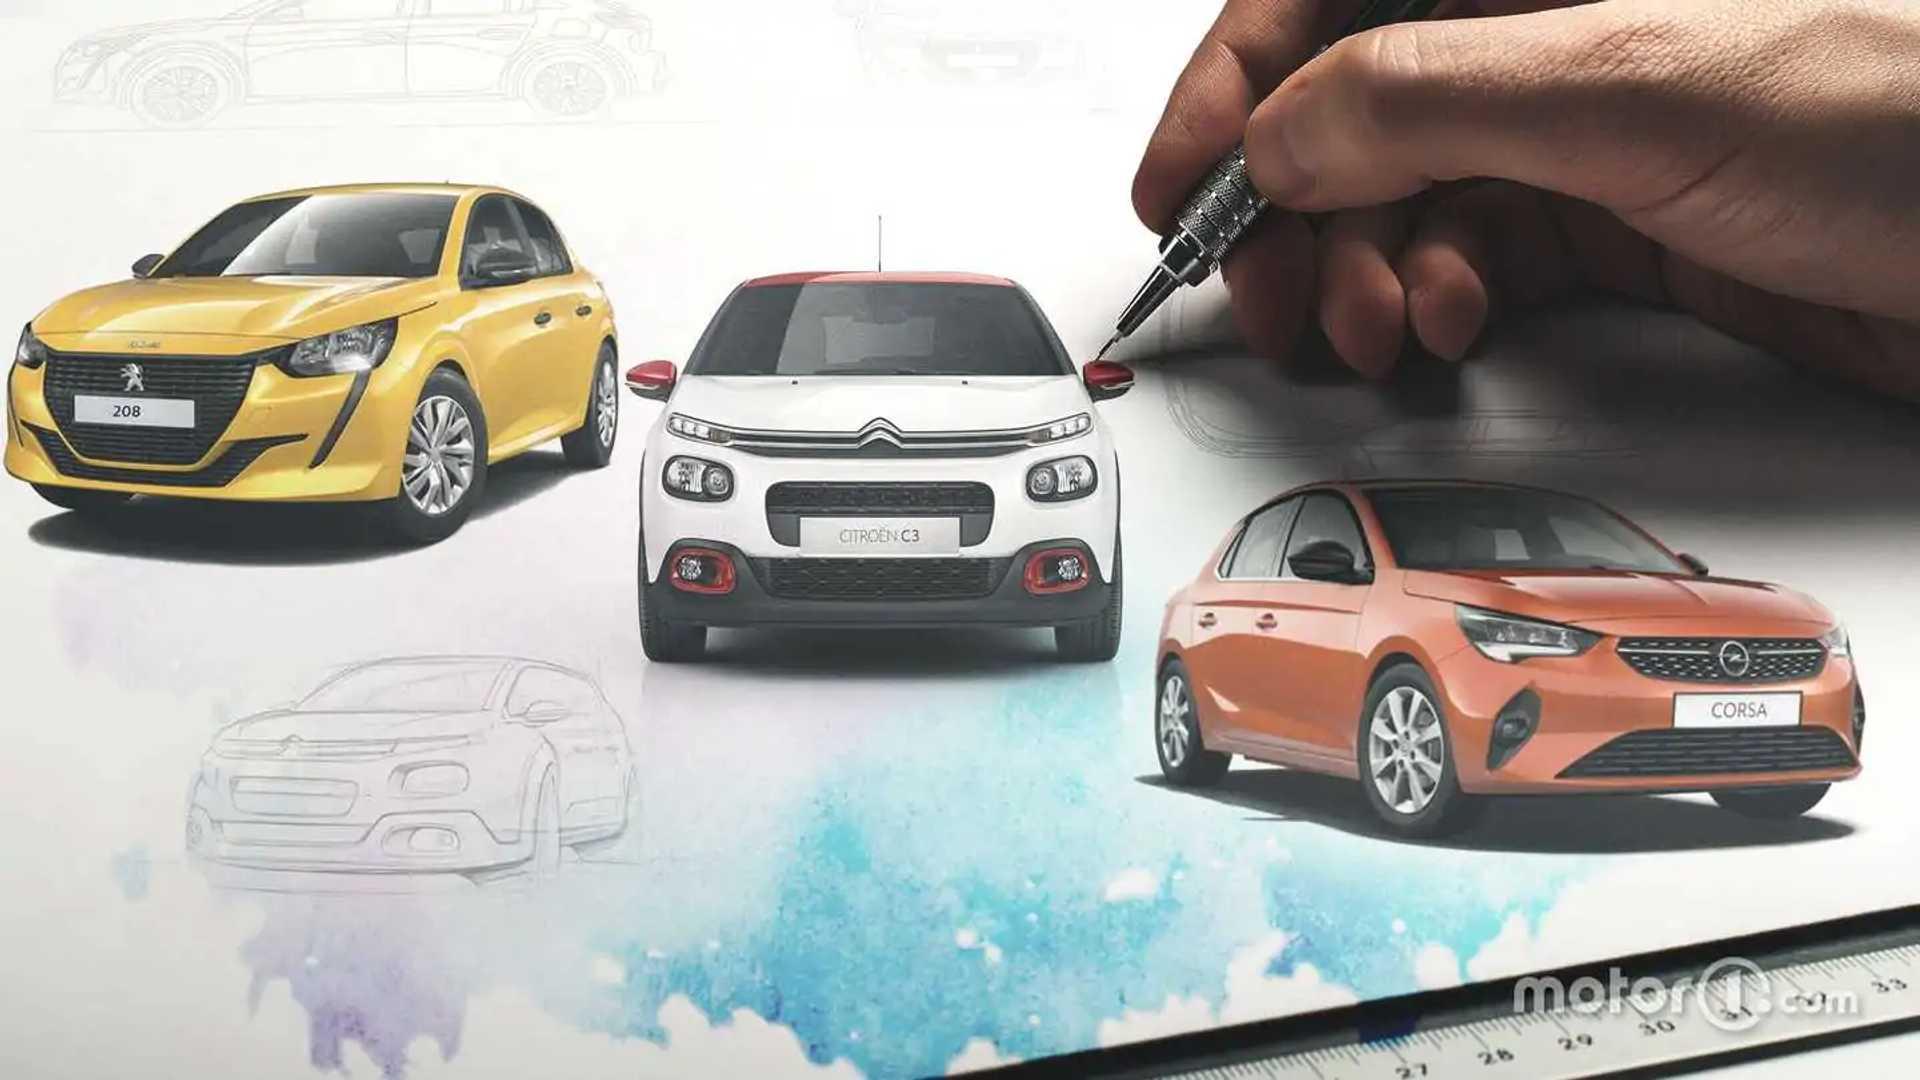 Peugeot 208, Opel Corsa e Citroen C3: come si connota un design